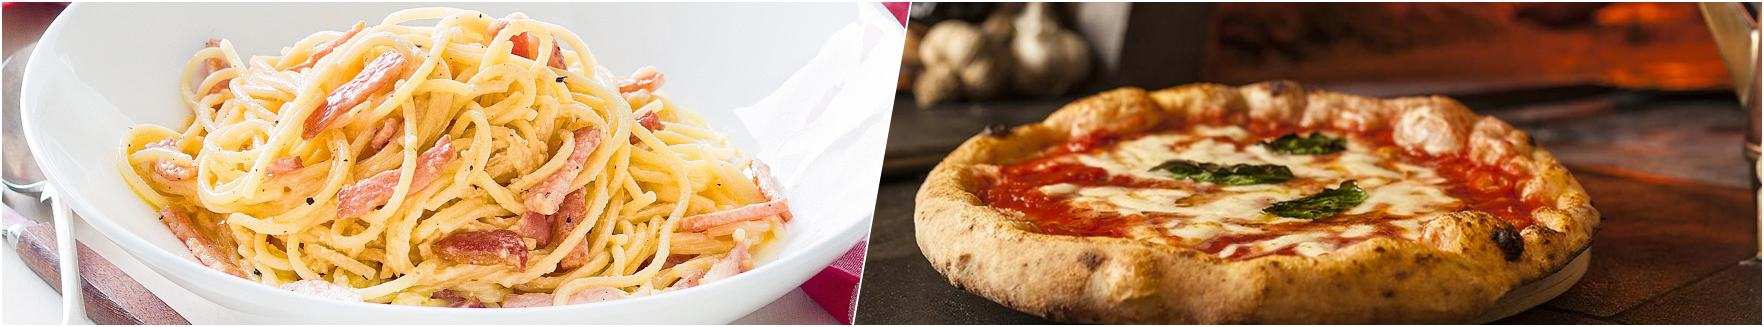 Pasta Carbonara - Pizza Margherita